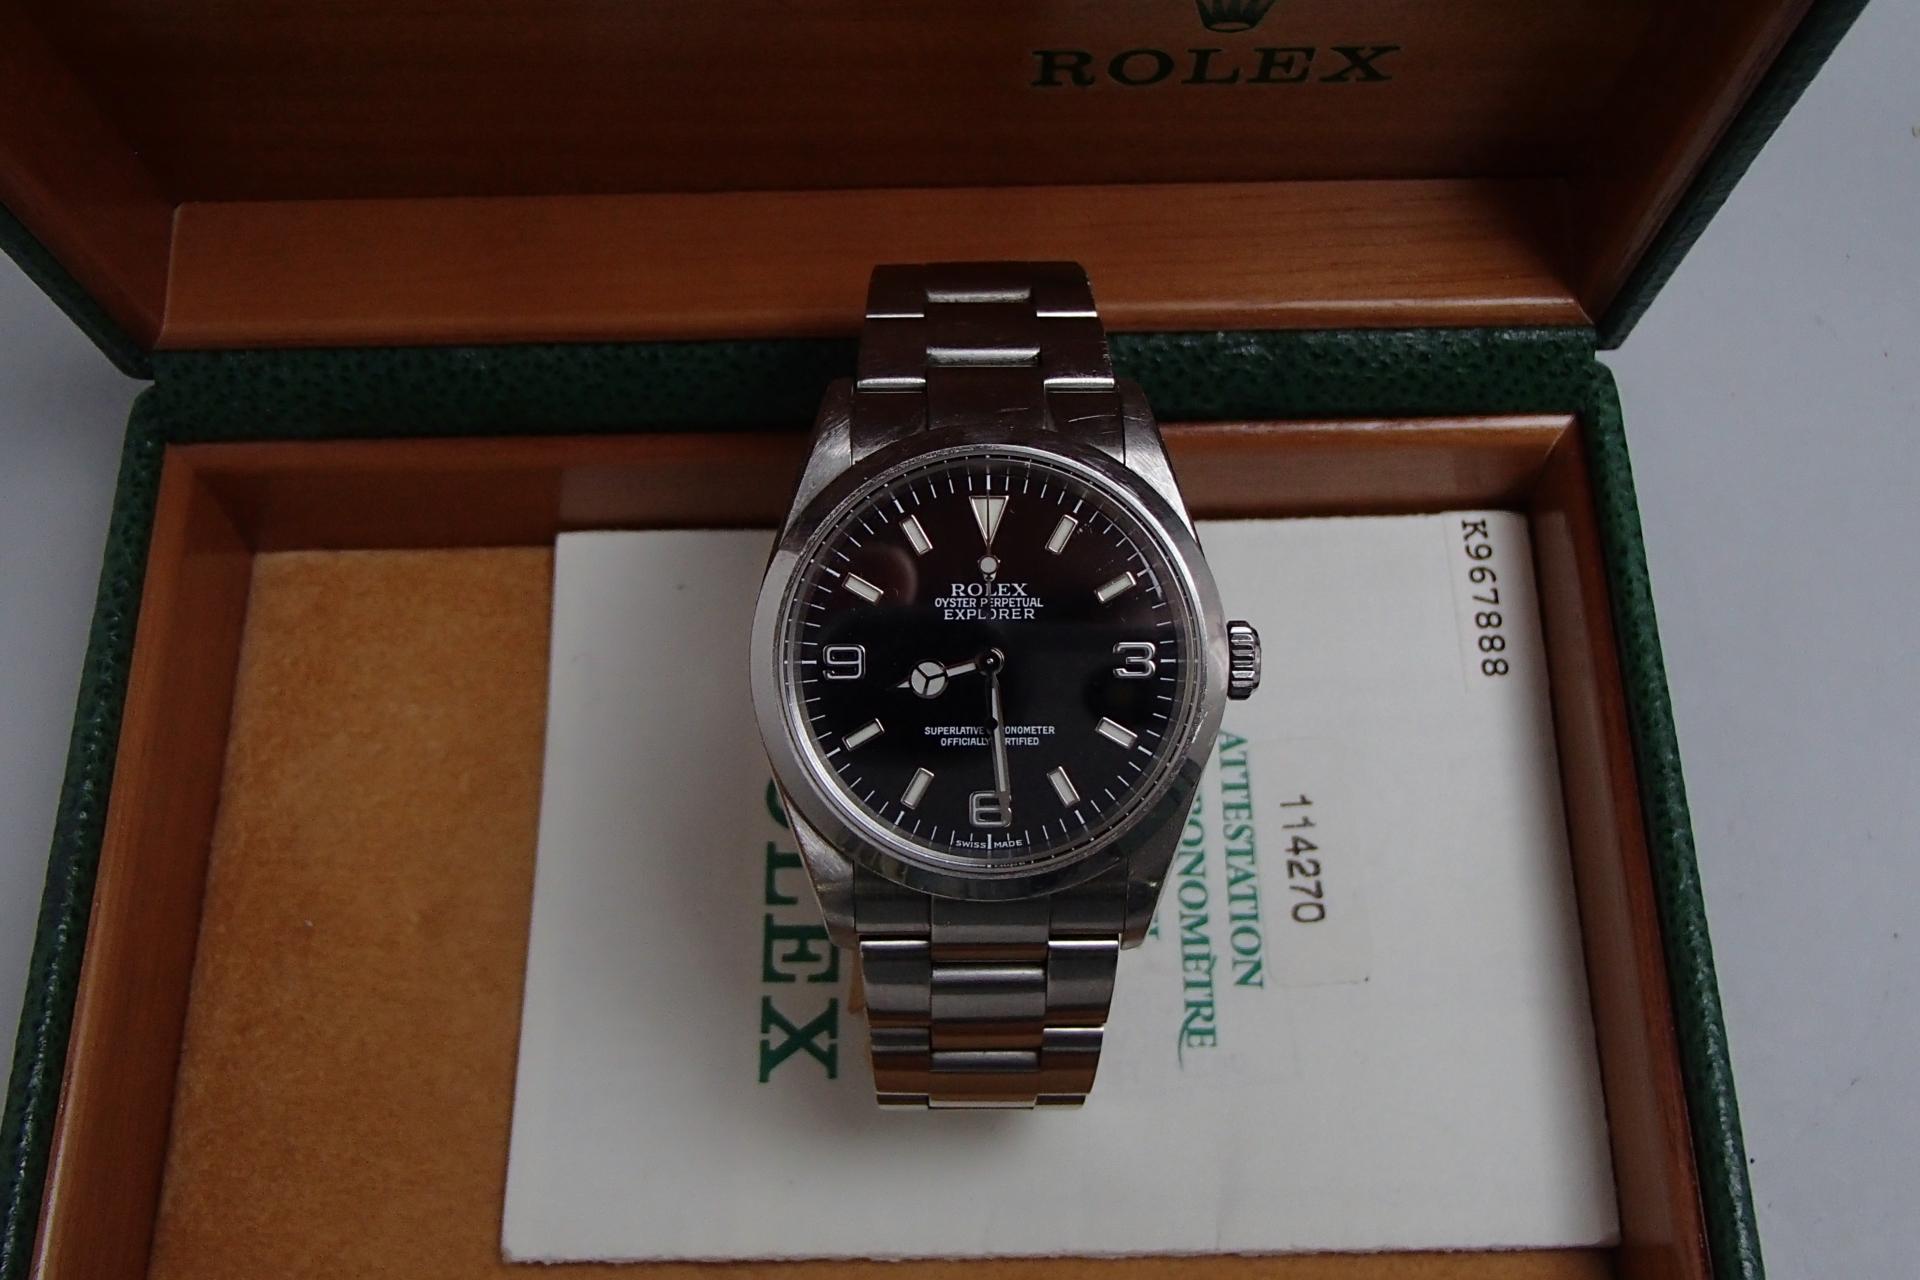 ロレックス買取 エクスプローラ1 114270 北海道のお客様